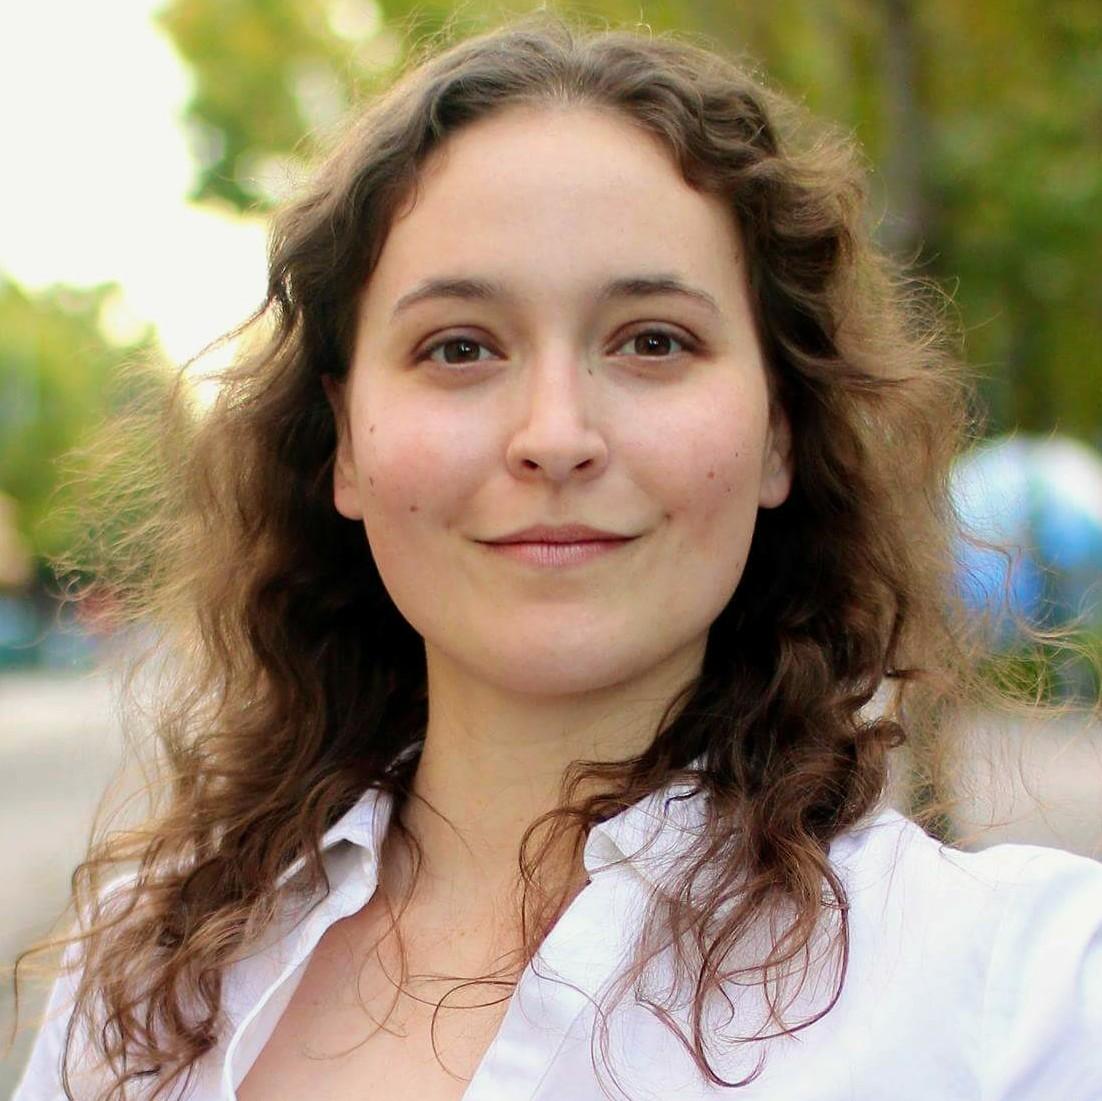 Emily Ceskavich